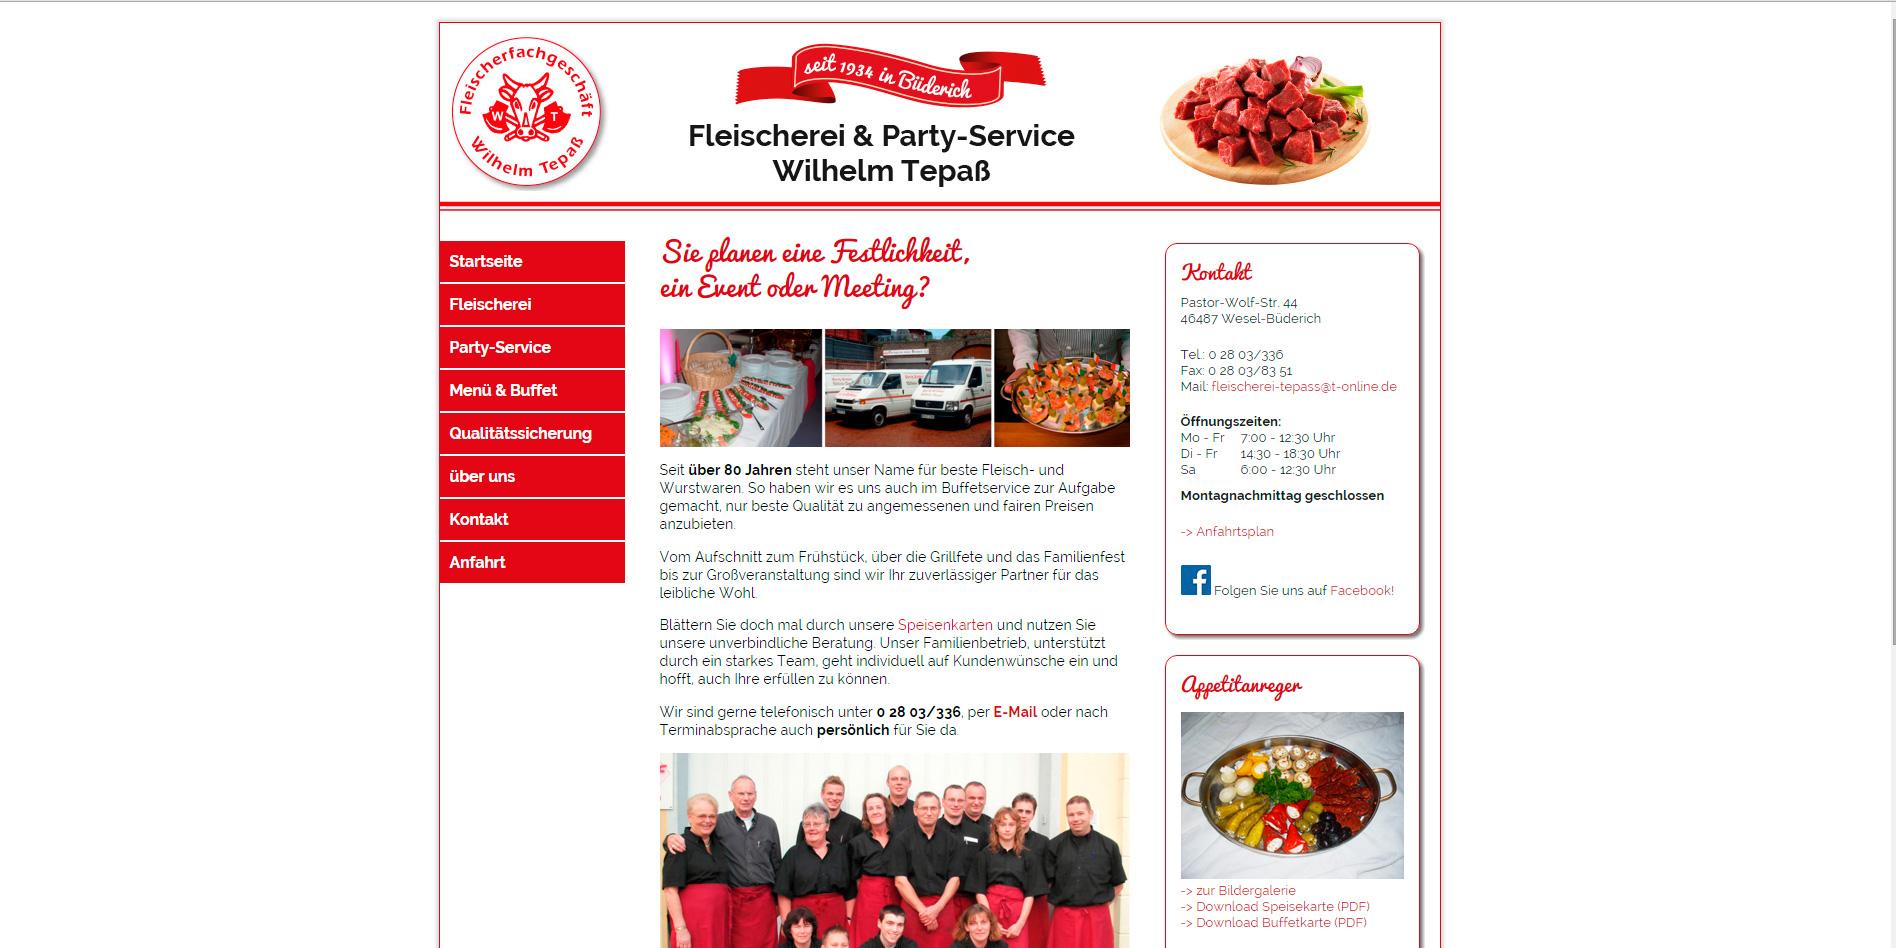 Internetseite der Fleischerei Tepaß in Wesel-Büderich